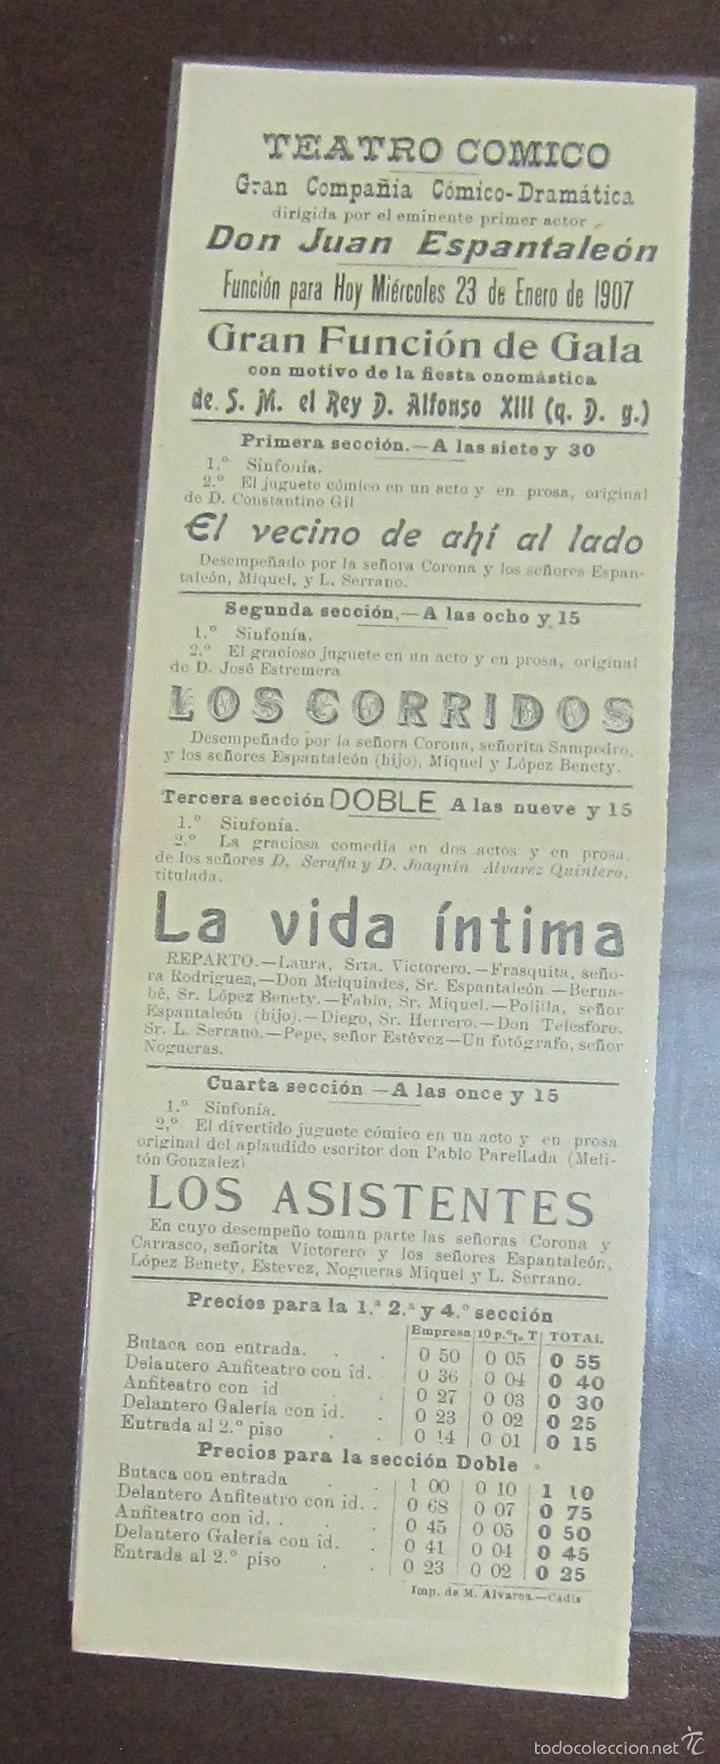 CARTEL. TEATRO COMICO. JUAN ESPANTALEON. 1907. LOS CORRIDOS, LA VIDA INTIMA. LEER. 30 X 10CM (Coleccionismo - Carteles Pequeño Formato)